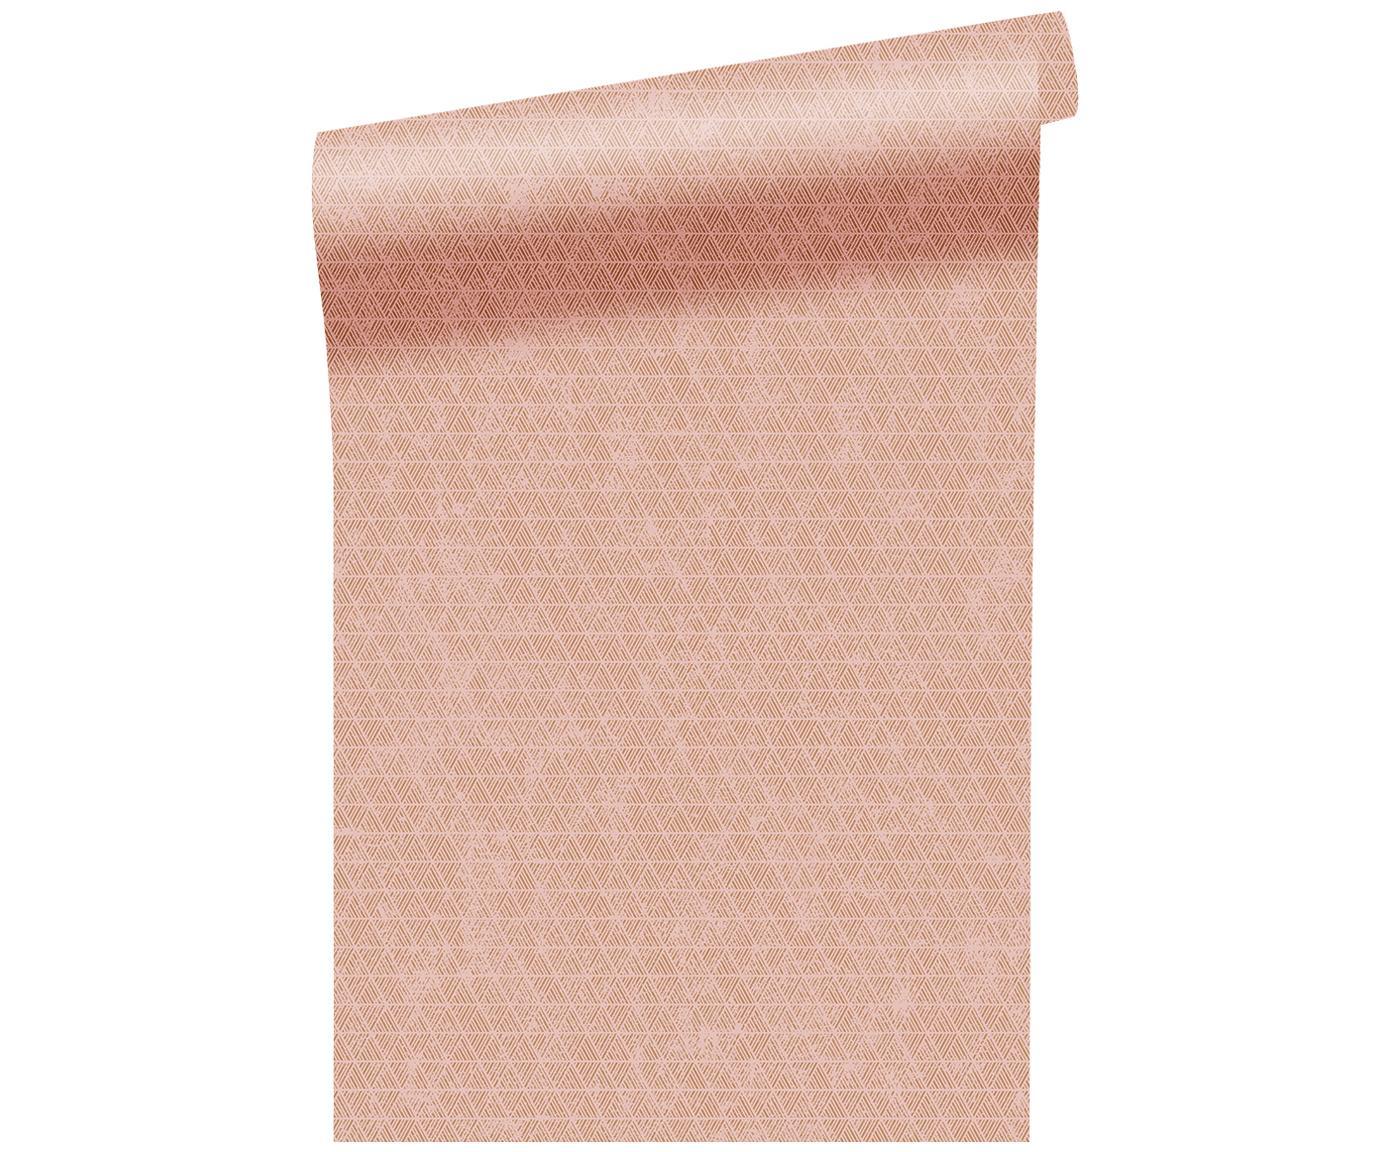 Carta da parati Luxury Triangle, Vello, Rosa dorato, bianco, P 52 x L 1005 cm